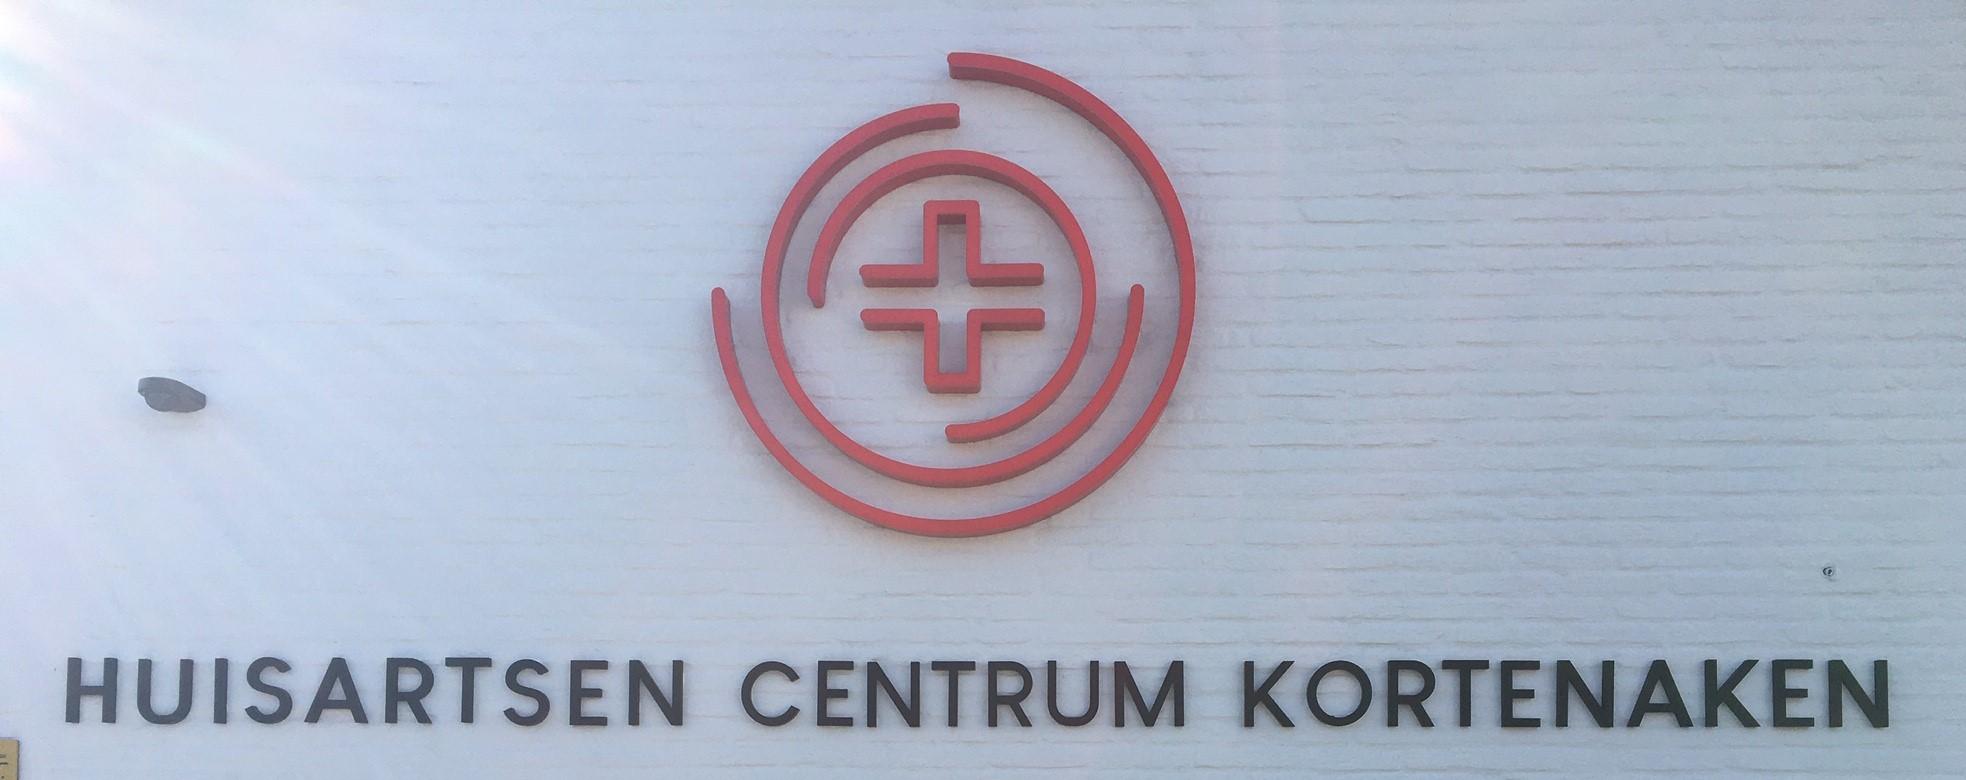 Welkom op de website van <span>Huisartsen <br />Centrum <br />Kortenaken</span>